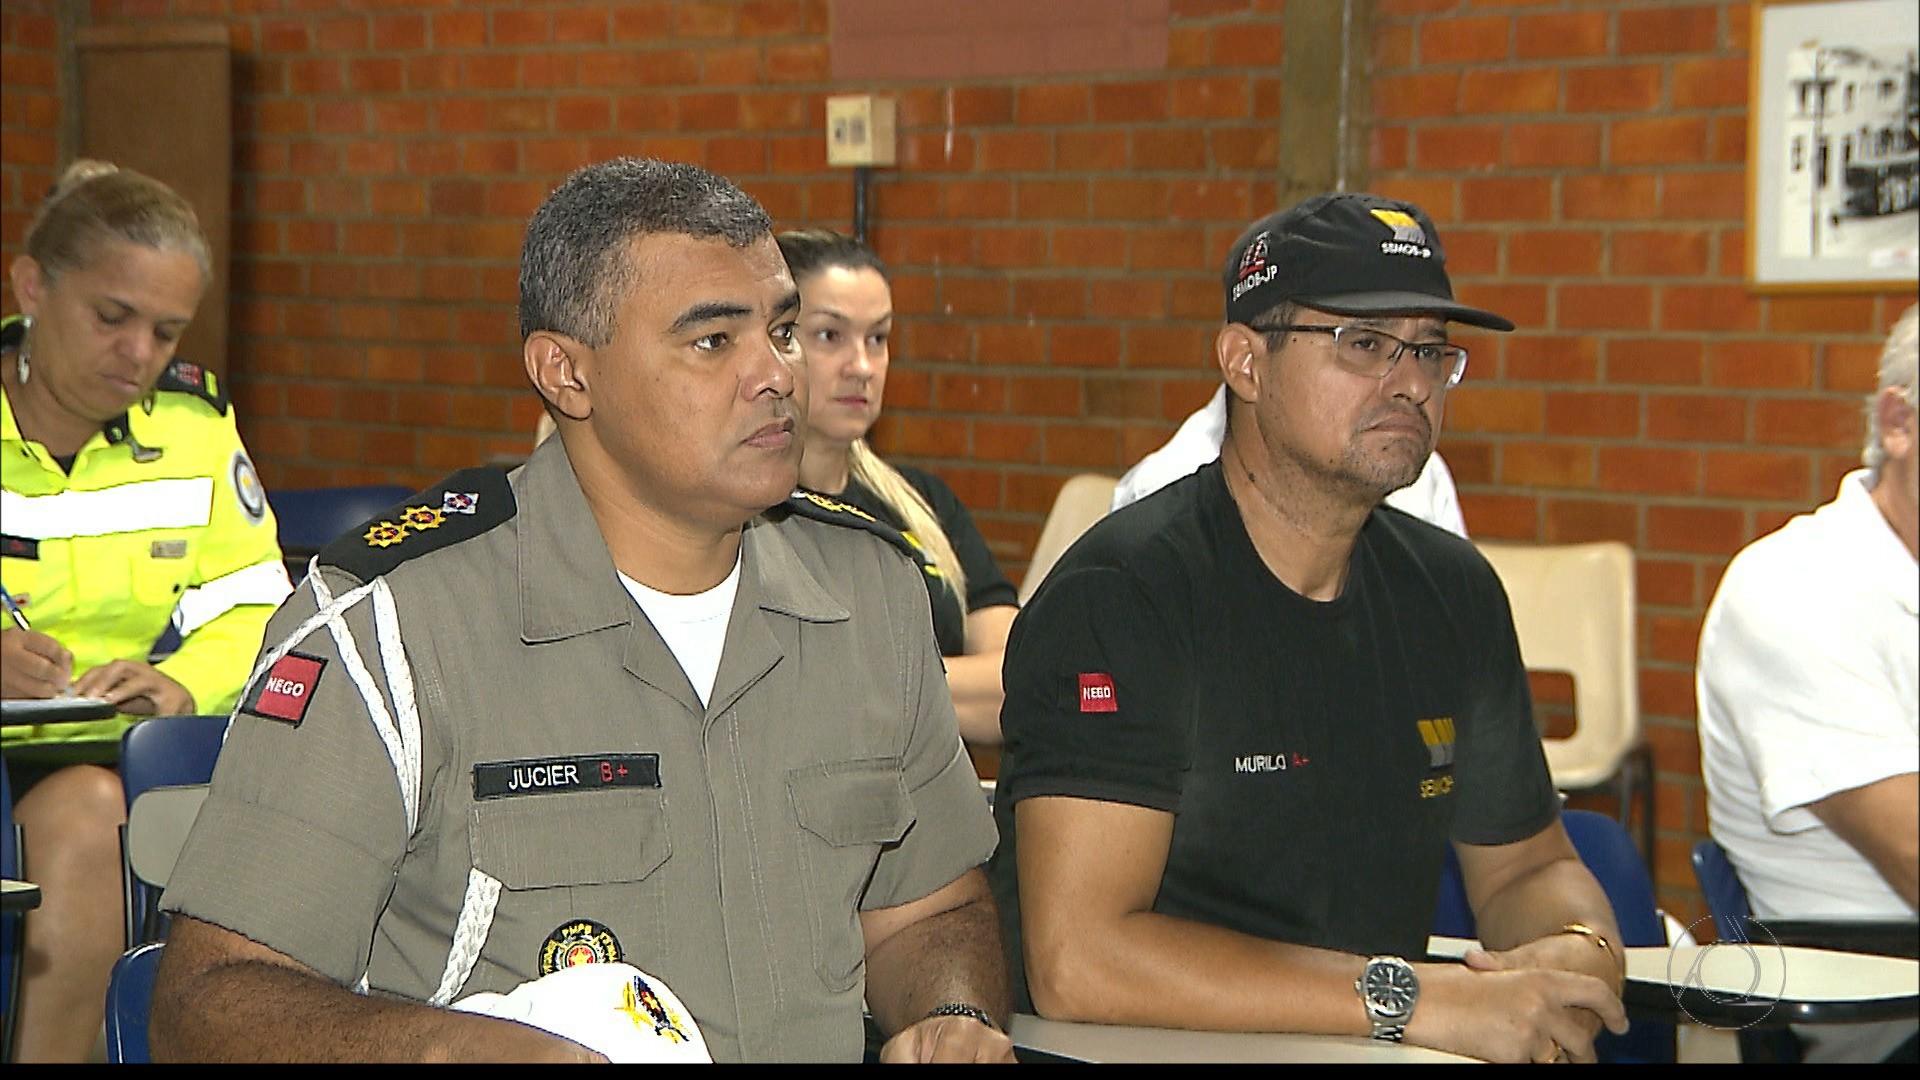 VÍDEOS: JPB 1ª Edição (TV Cabo Branco) de quarta-feira, 21 de março